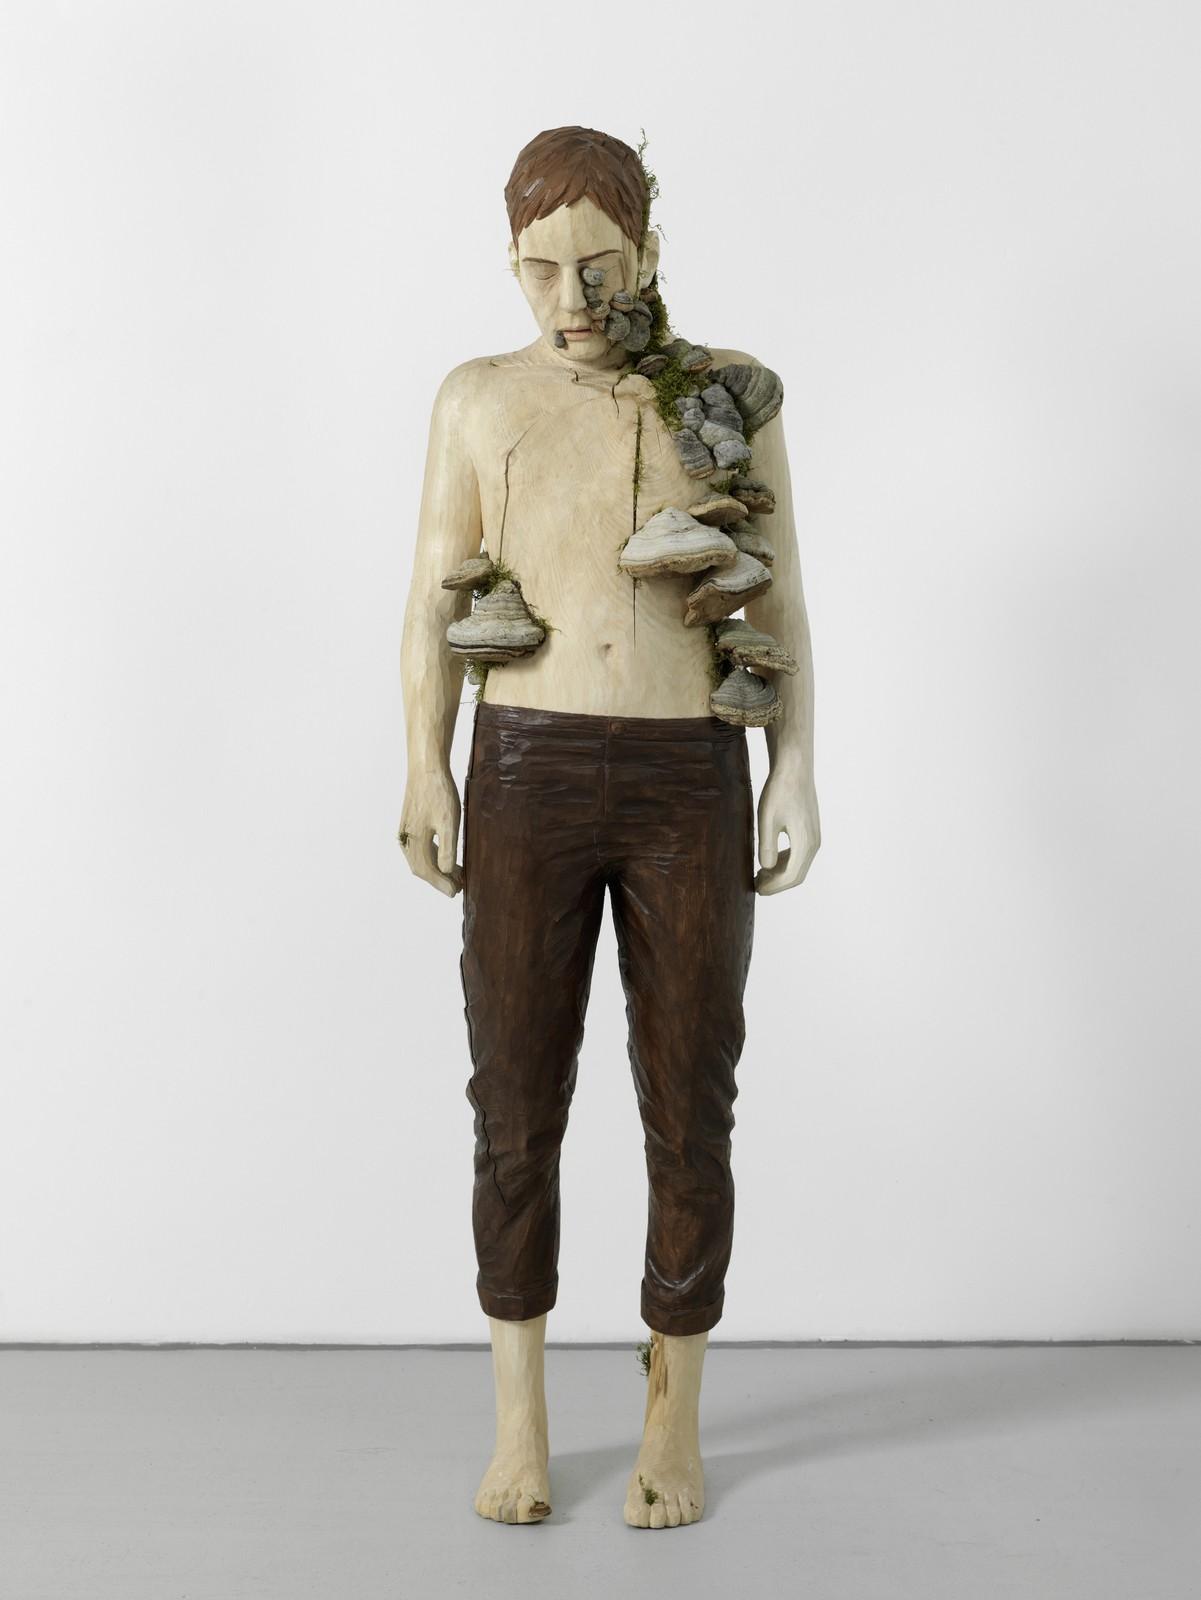 2016, wood, 175 x 54 x 35 cm